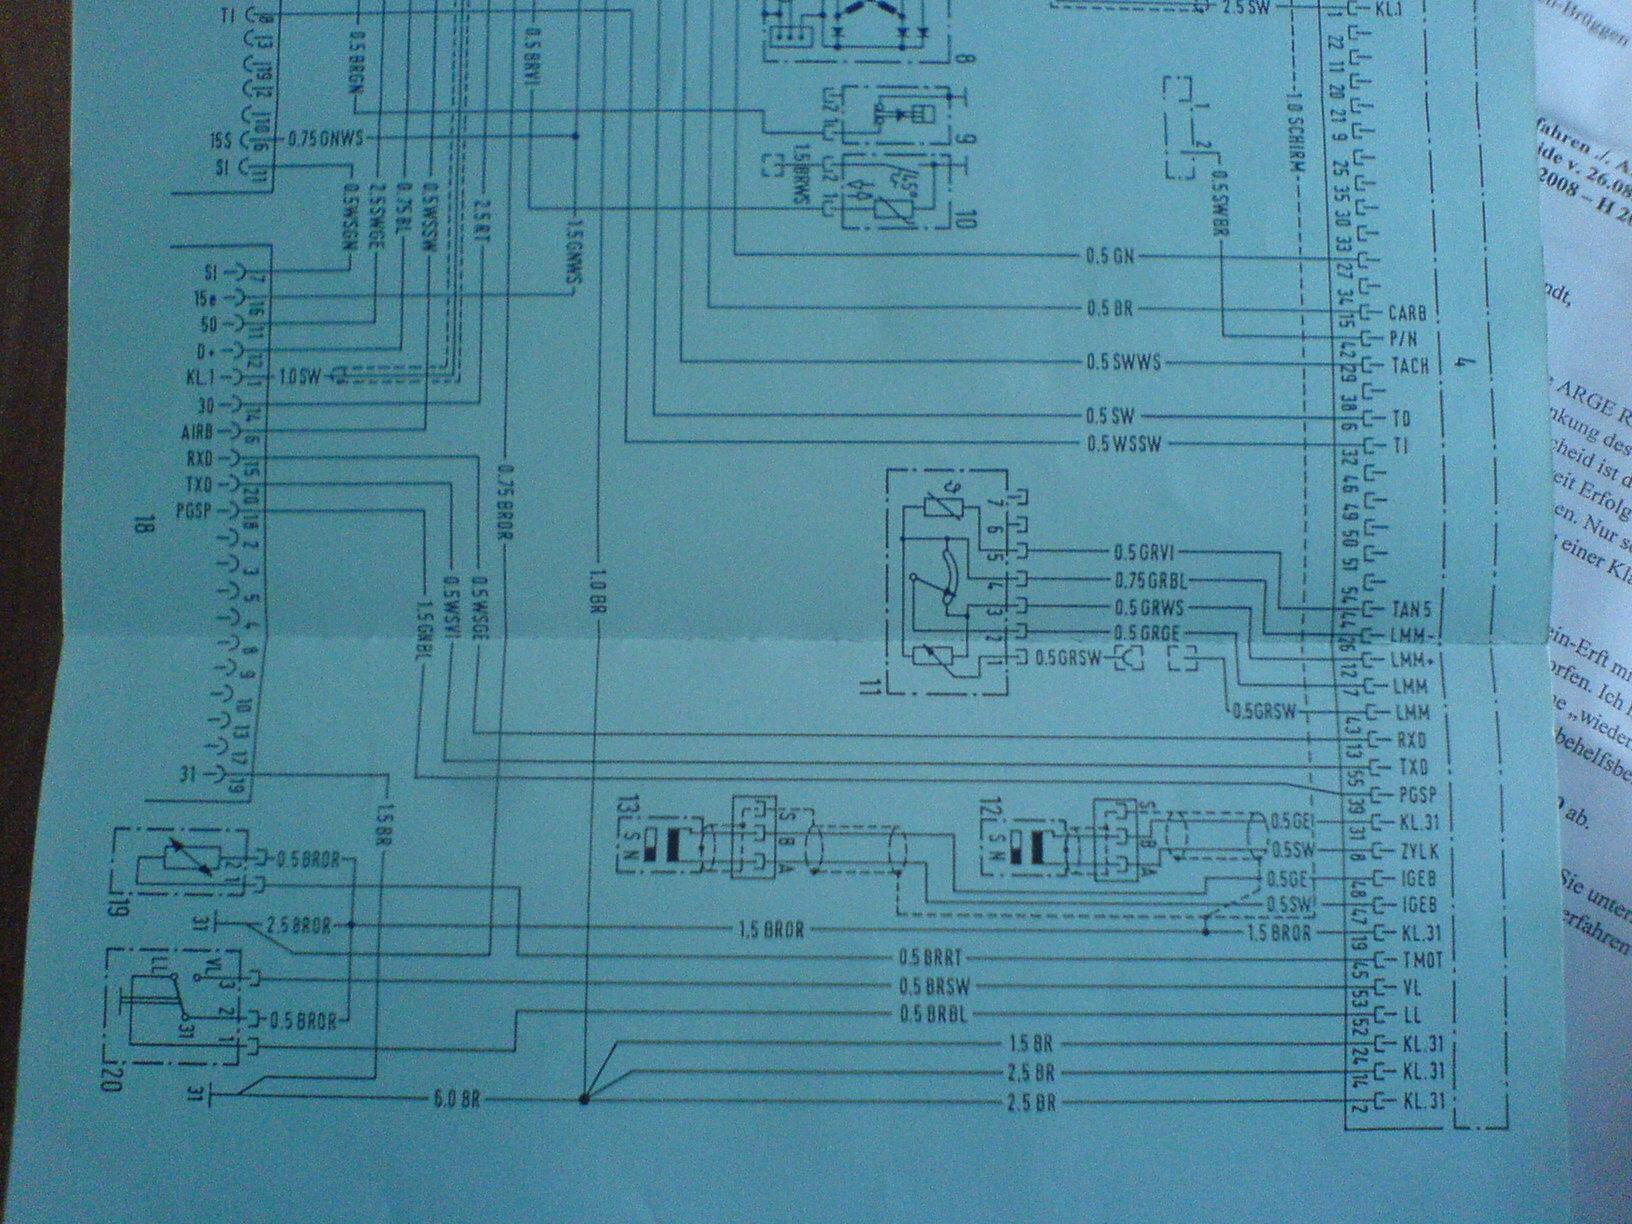 Wunderbar Töpfe Telefon Schaltplan Galerie - Der Schaltplan ...